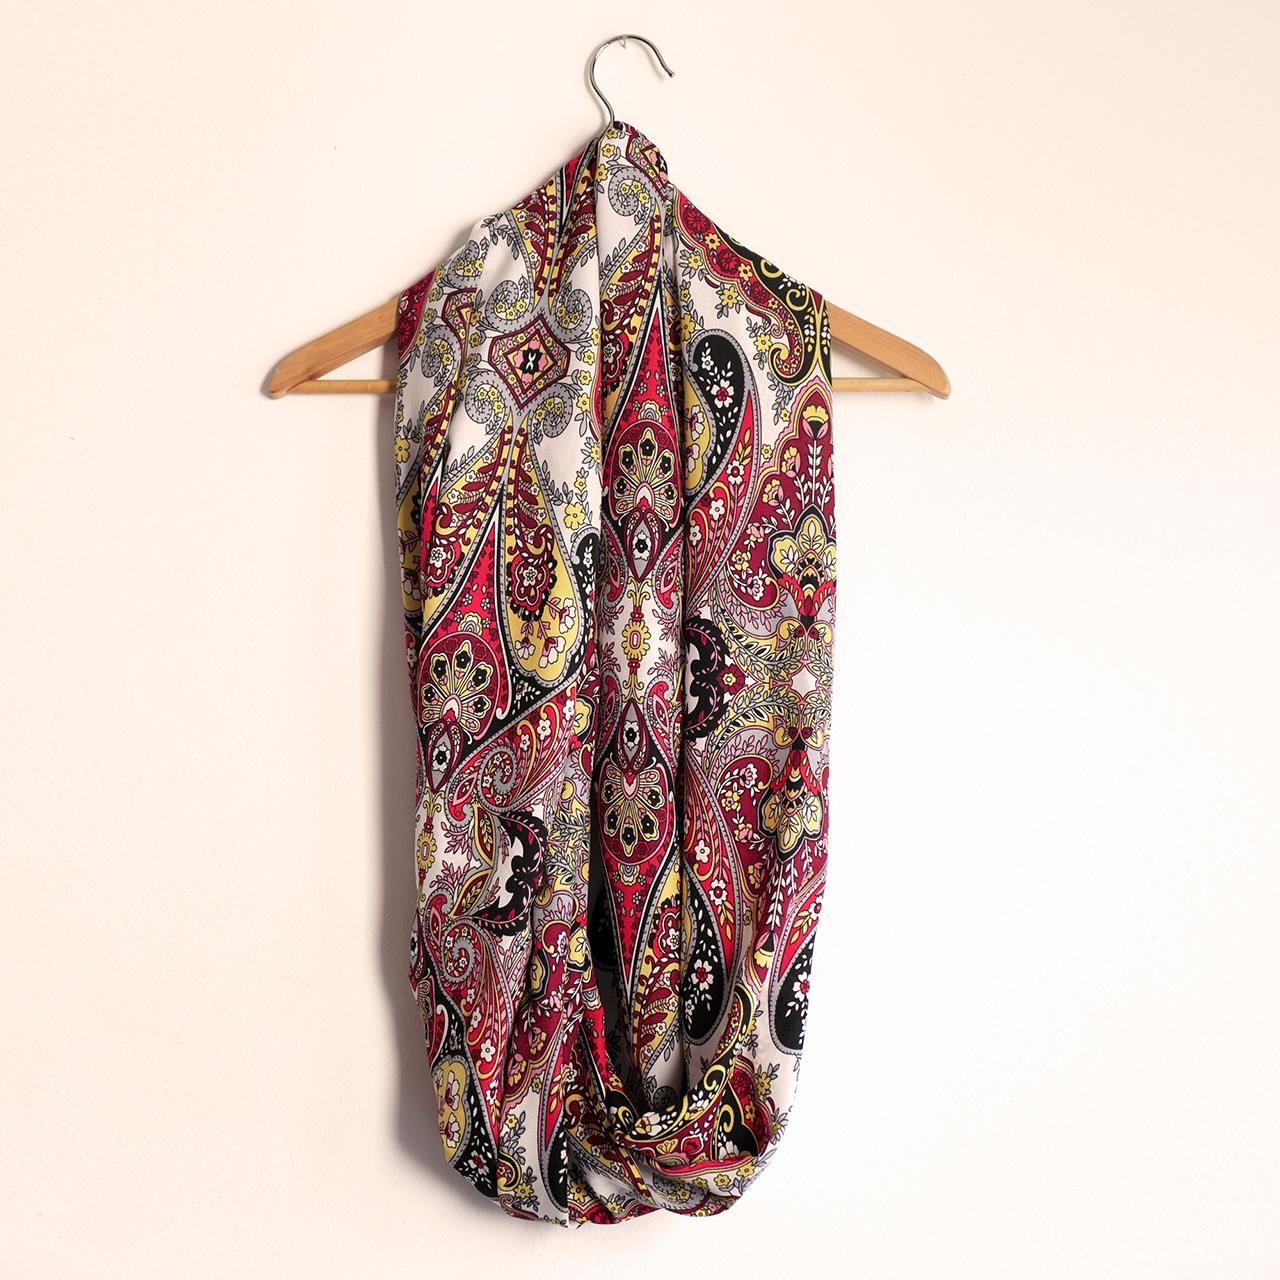 309a05545 Snood foulard femme infini long bouffant tissu imprimé motifs variés fleurs  arabesques écharpe rouge jaune noir gris